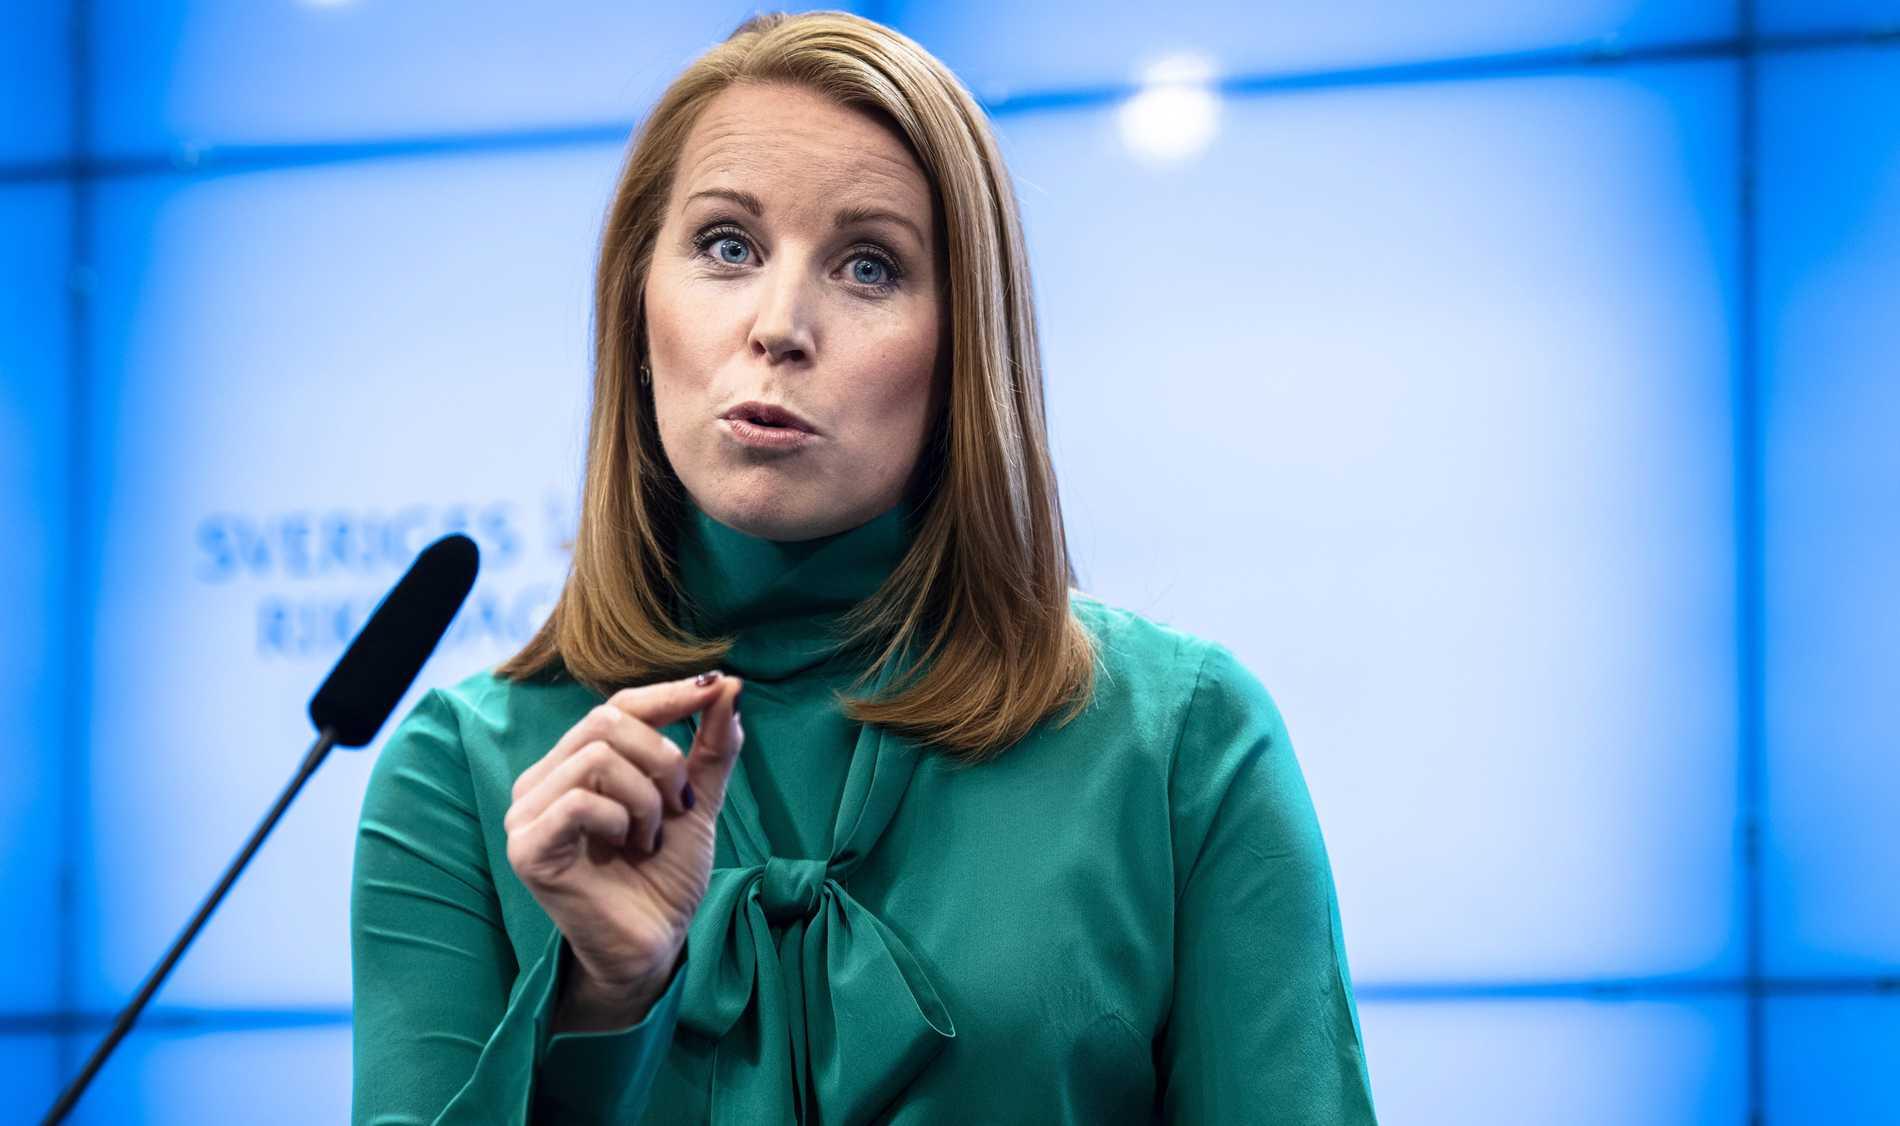 Trots att marknadsskolan löpt amok fortsätter Annie Lööf tillsammans med de övriga högerpartierna att stå på skolföretagens sida.